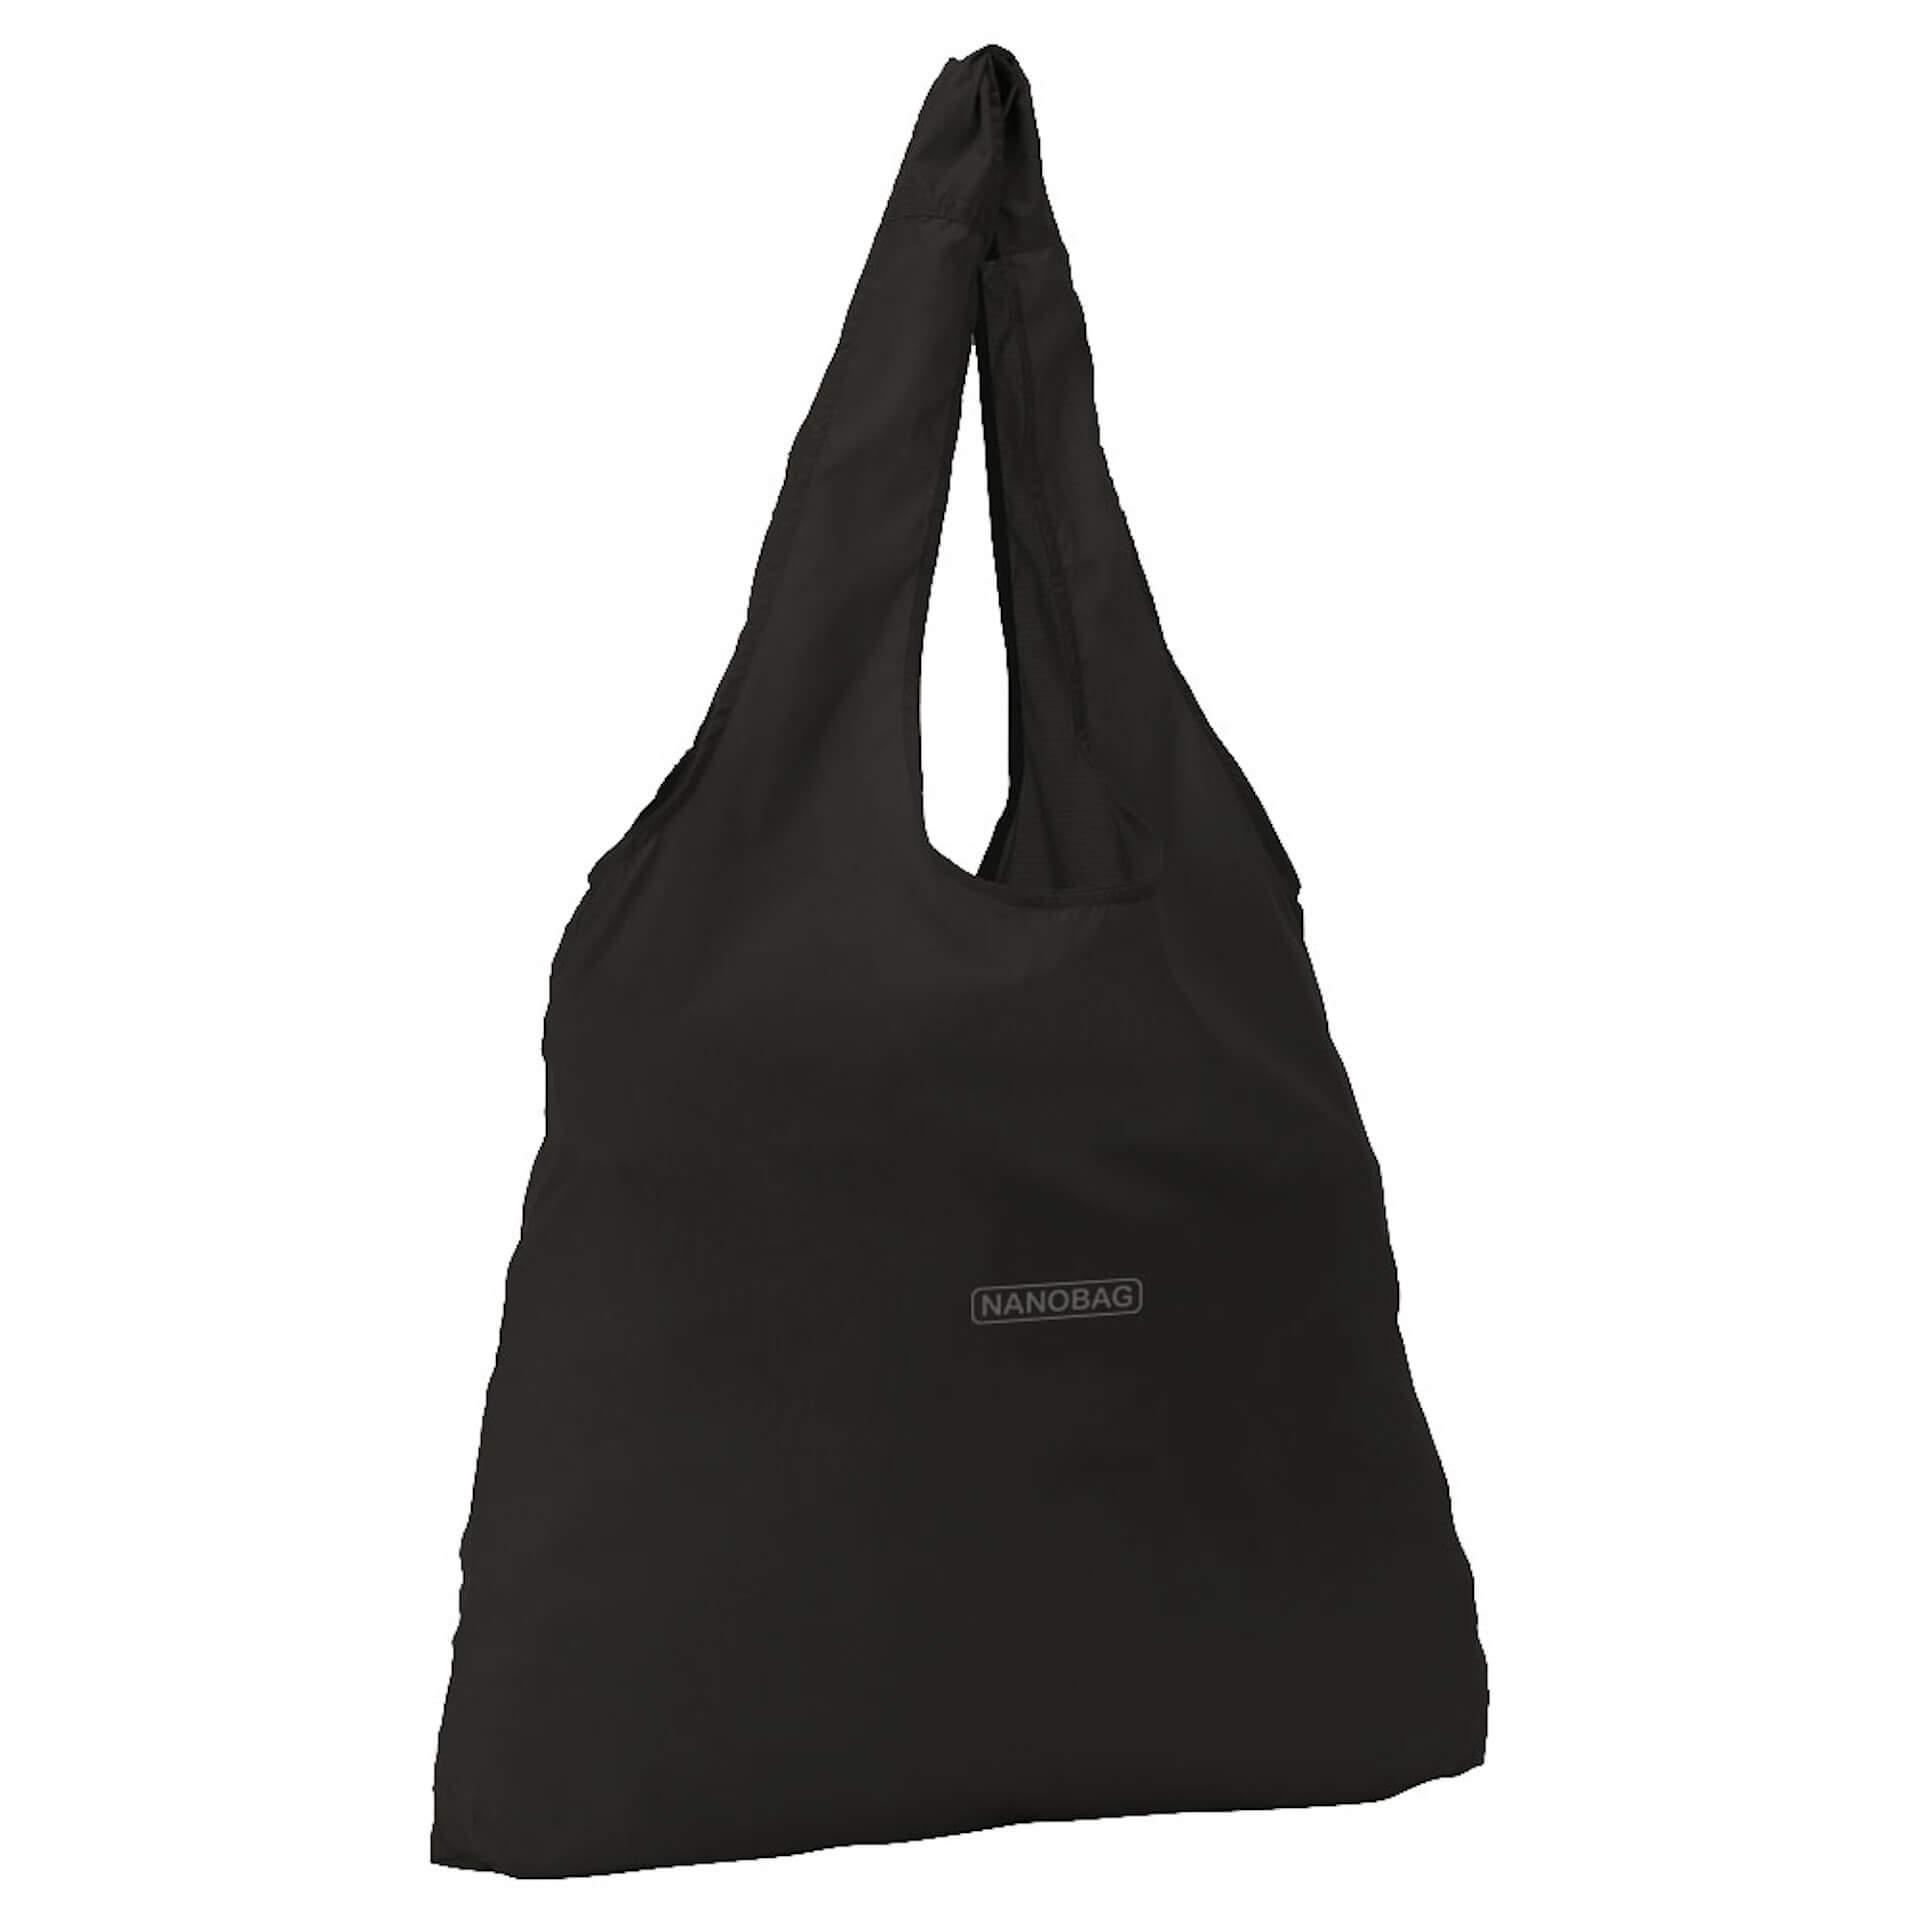 手のひらサイズのエコバッグ『NANOBAG』でお買い物しよう!全国販売を記念したTwitterプレゼントキャンペーンが実施 ac200714_nanobag_02